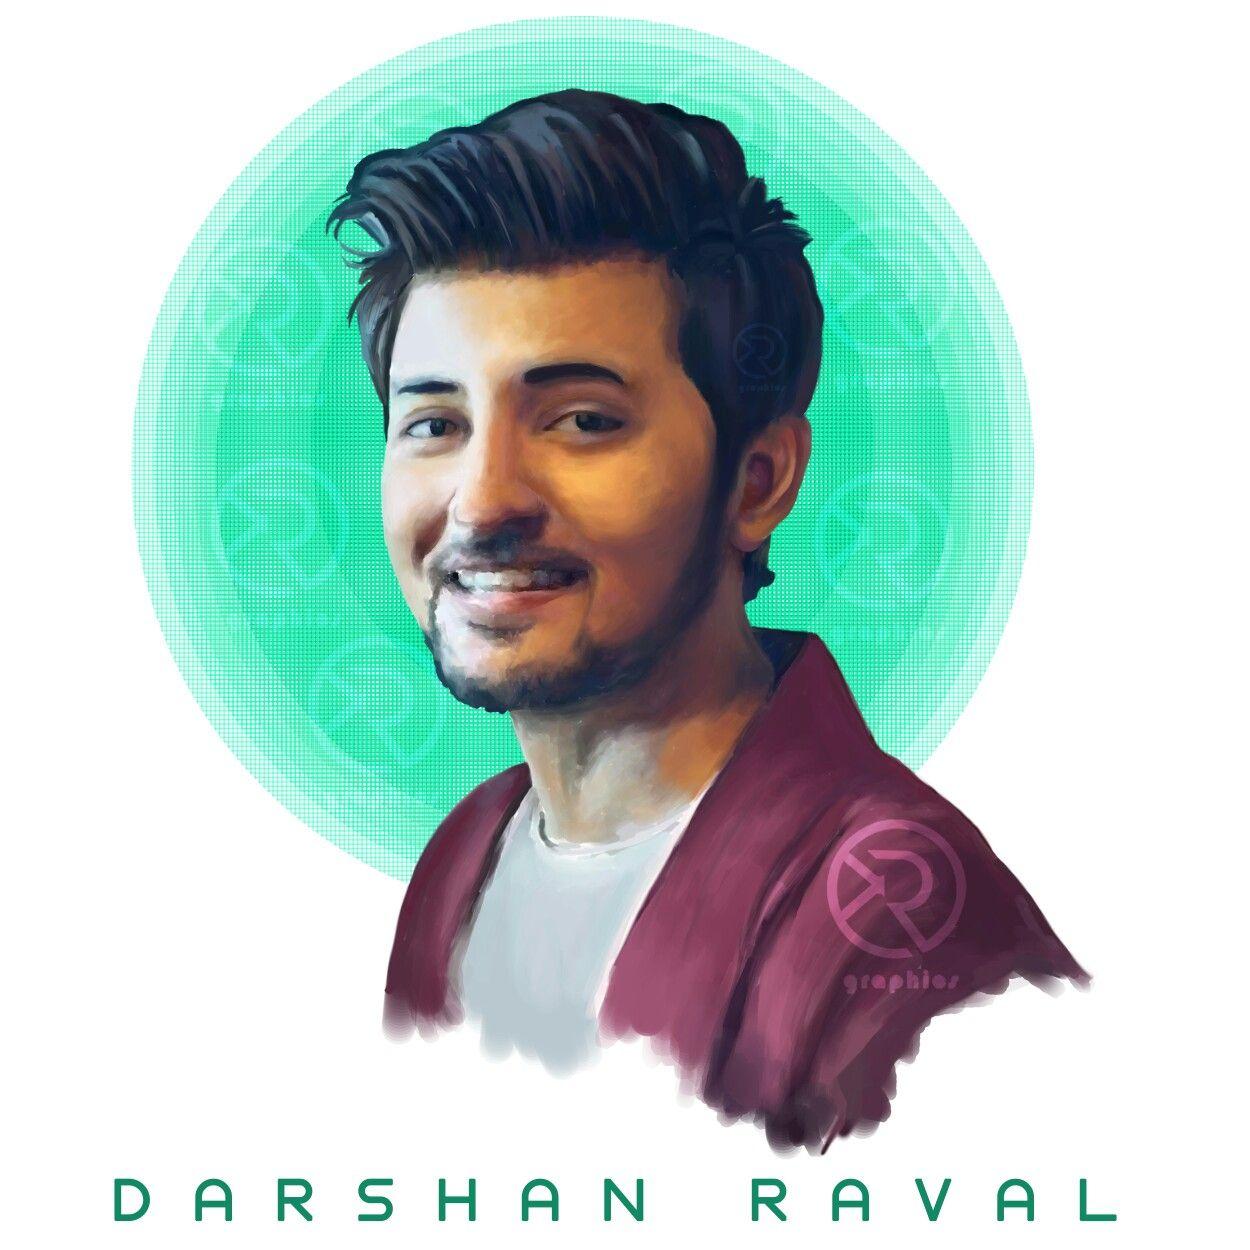 Darshan Raval ( Digital Painting) | Digital painting, No one loves me, Singer